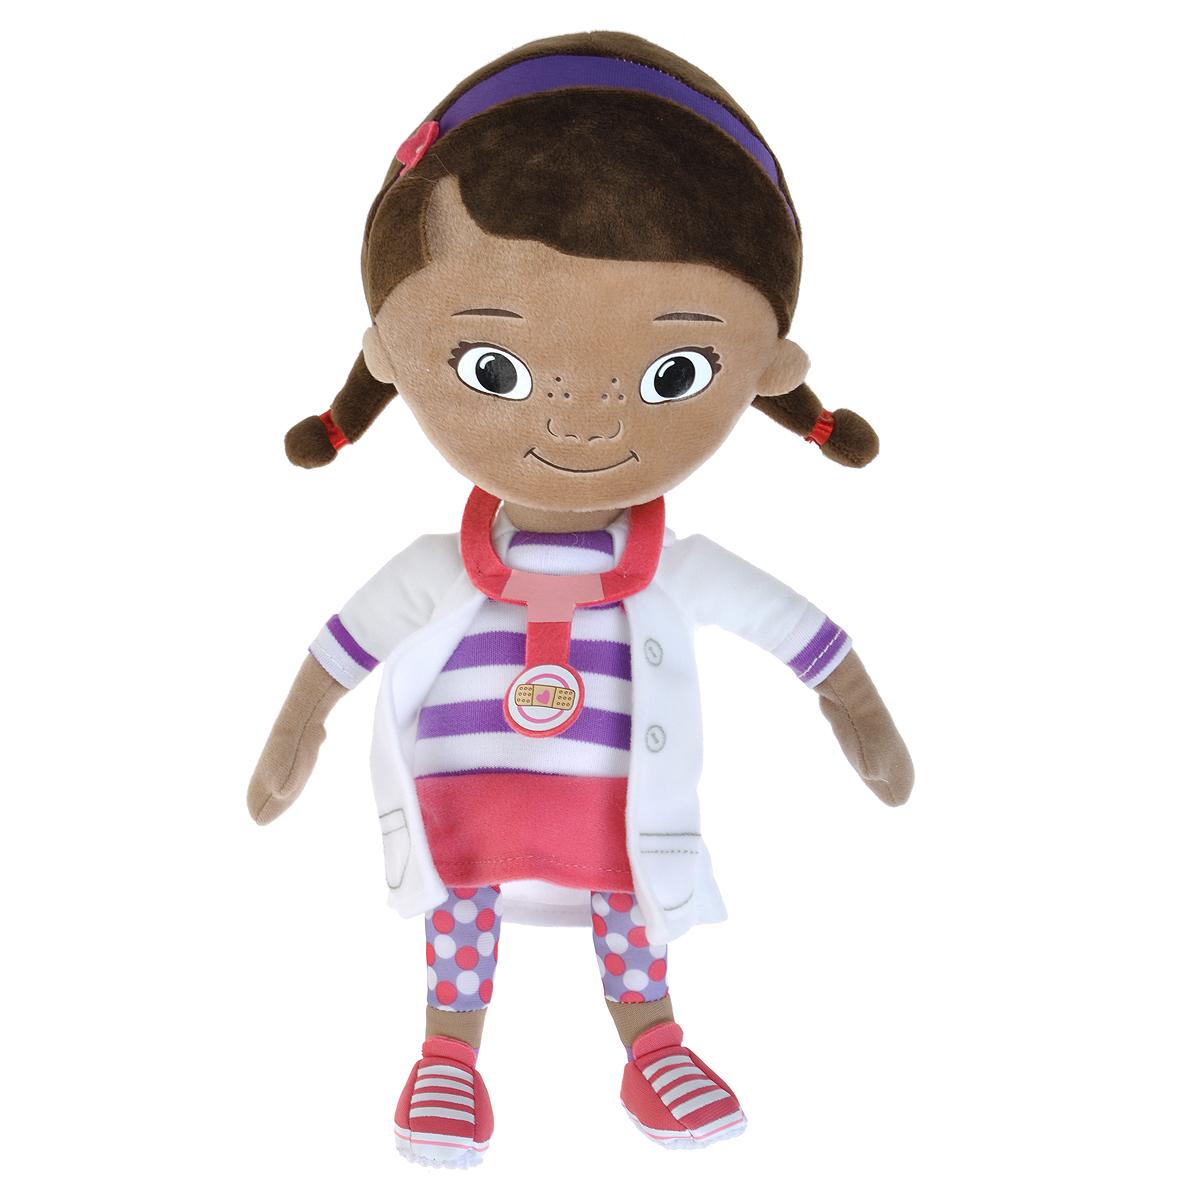 Мягкая игрушка Disney Доктор Плюшева, 32 см1200242Забавная игрушка Доктор Плюшева в виде главного героя одноименного мультфильма привлечет внимание каждого малыша. Она сшита из приятных на ощупь, качественных материалов, полностью безвредных для ребенка. С такой игрушкой можно смело отправляться на прогулку или засыпать в кроватке. Игра с ней способствует развитию тактильной чувствительности и воображения у детей. Характеристики: Материал: текстиль, синтепон. Высота игрушки: 32 см. Размер упаковки: 15 см х 7 см х 35 см. Изготовитель: Китай.